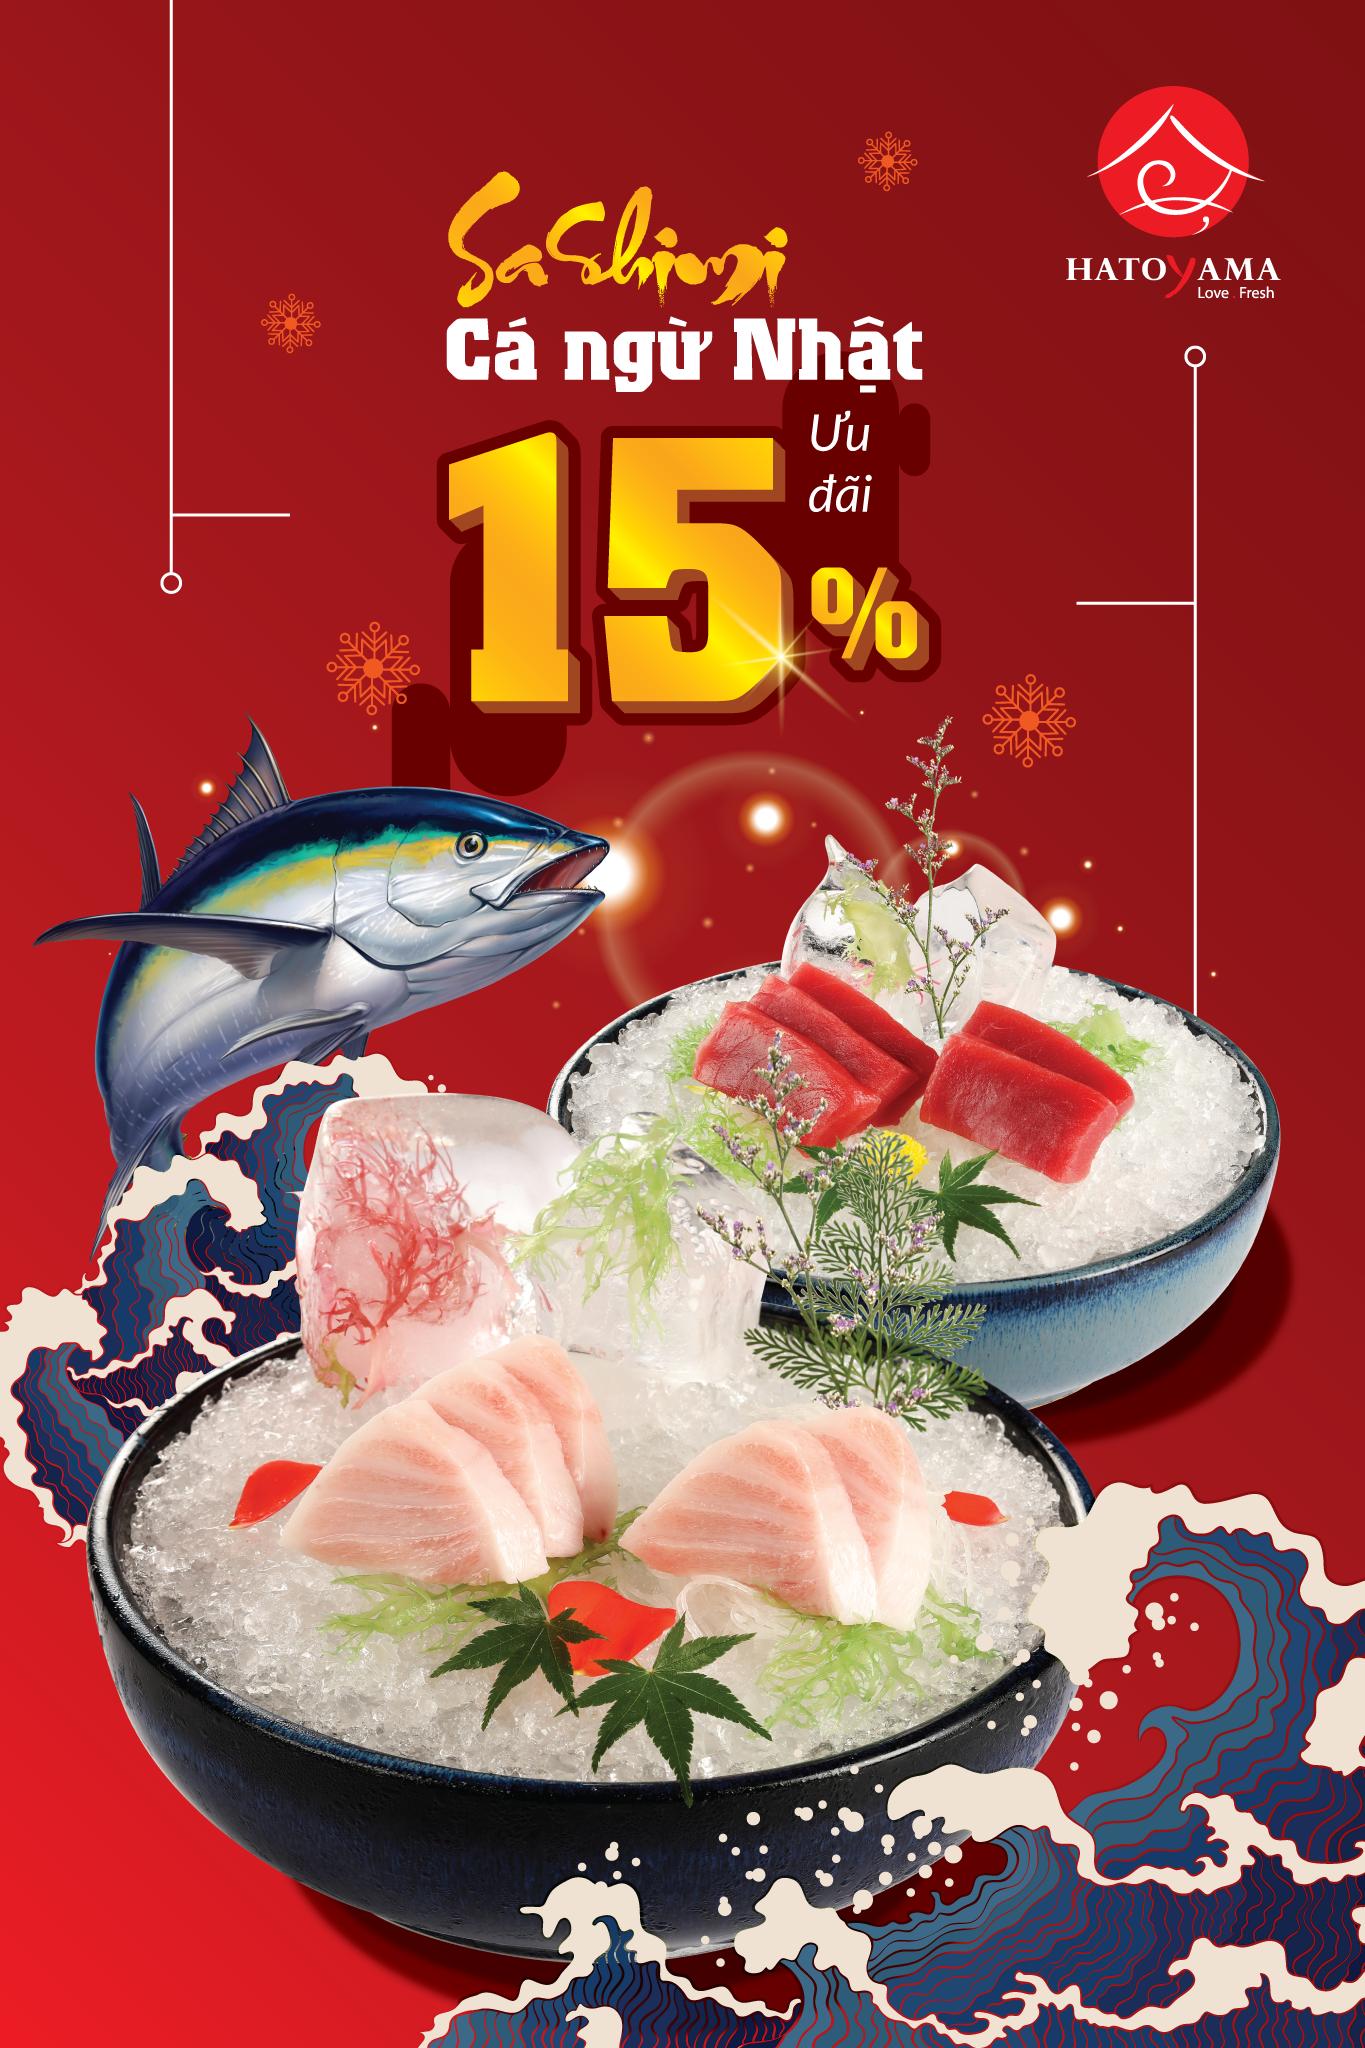 Ưu đãi sashimi cá ngừ